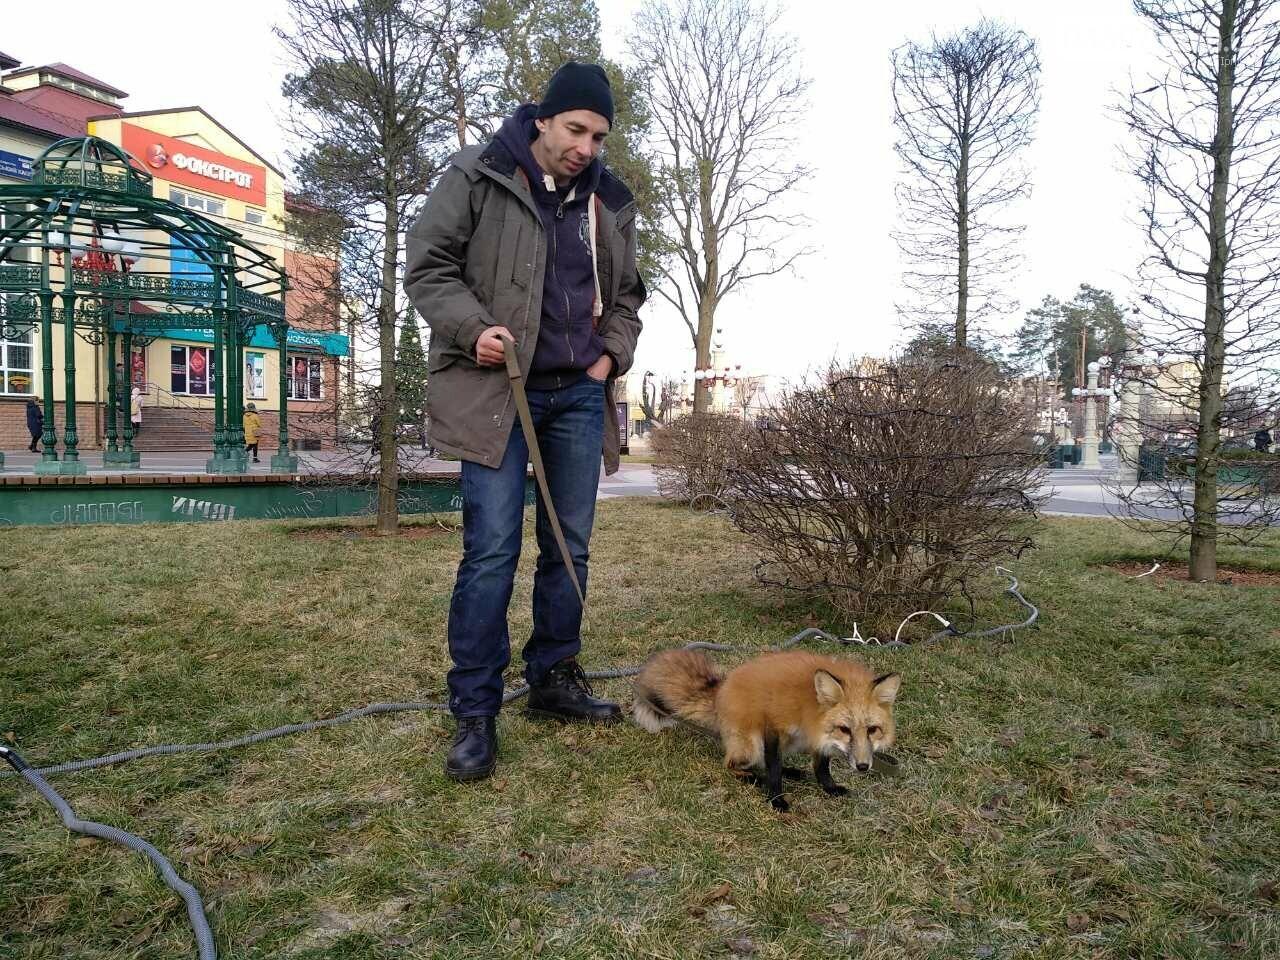 Сьогодні у центрі Ірпеня гуляв справжній лис (фото, відео), фото-2